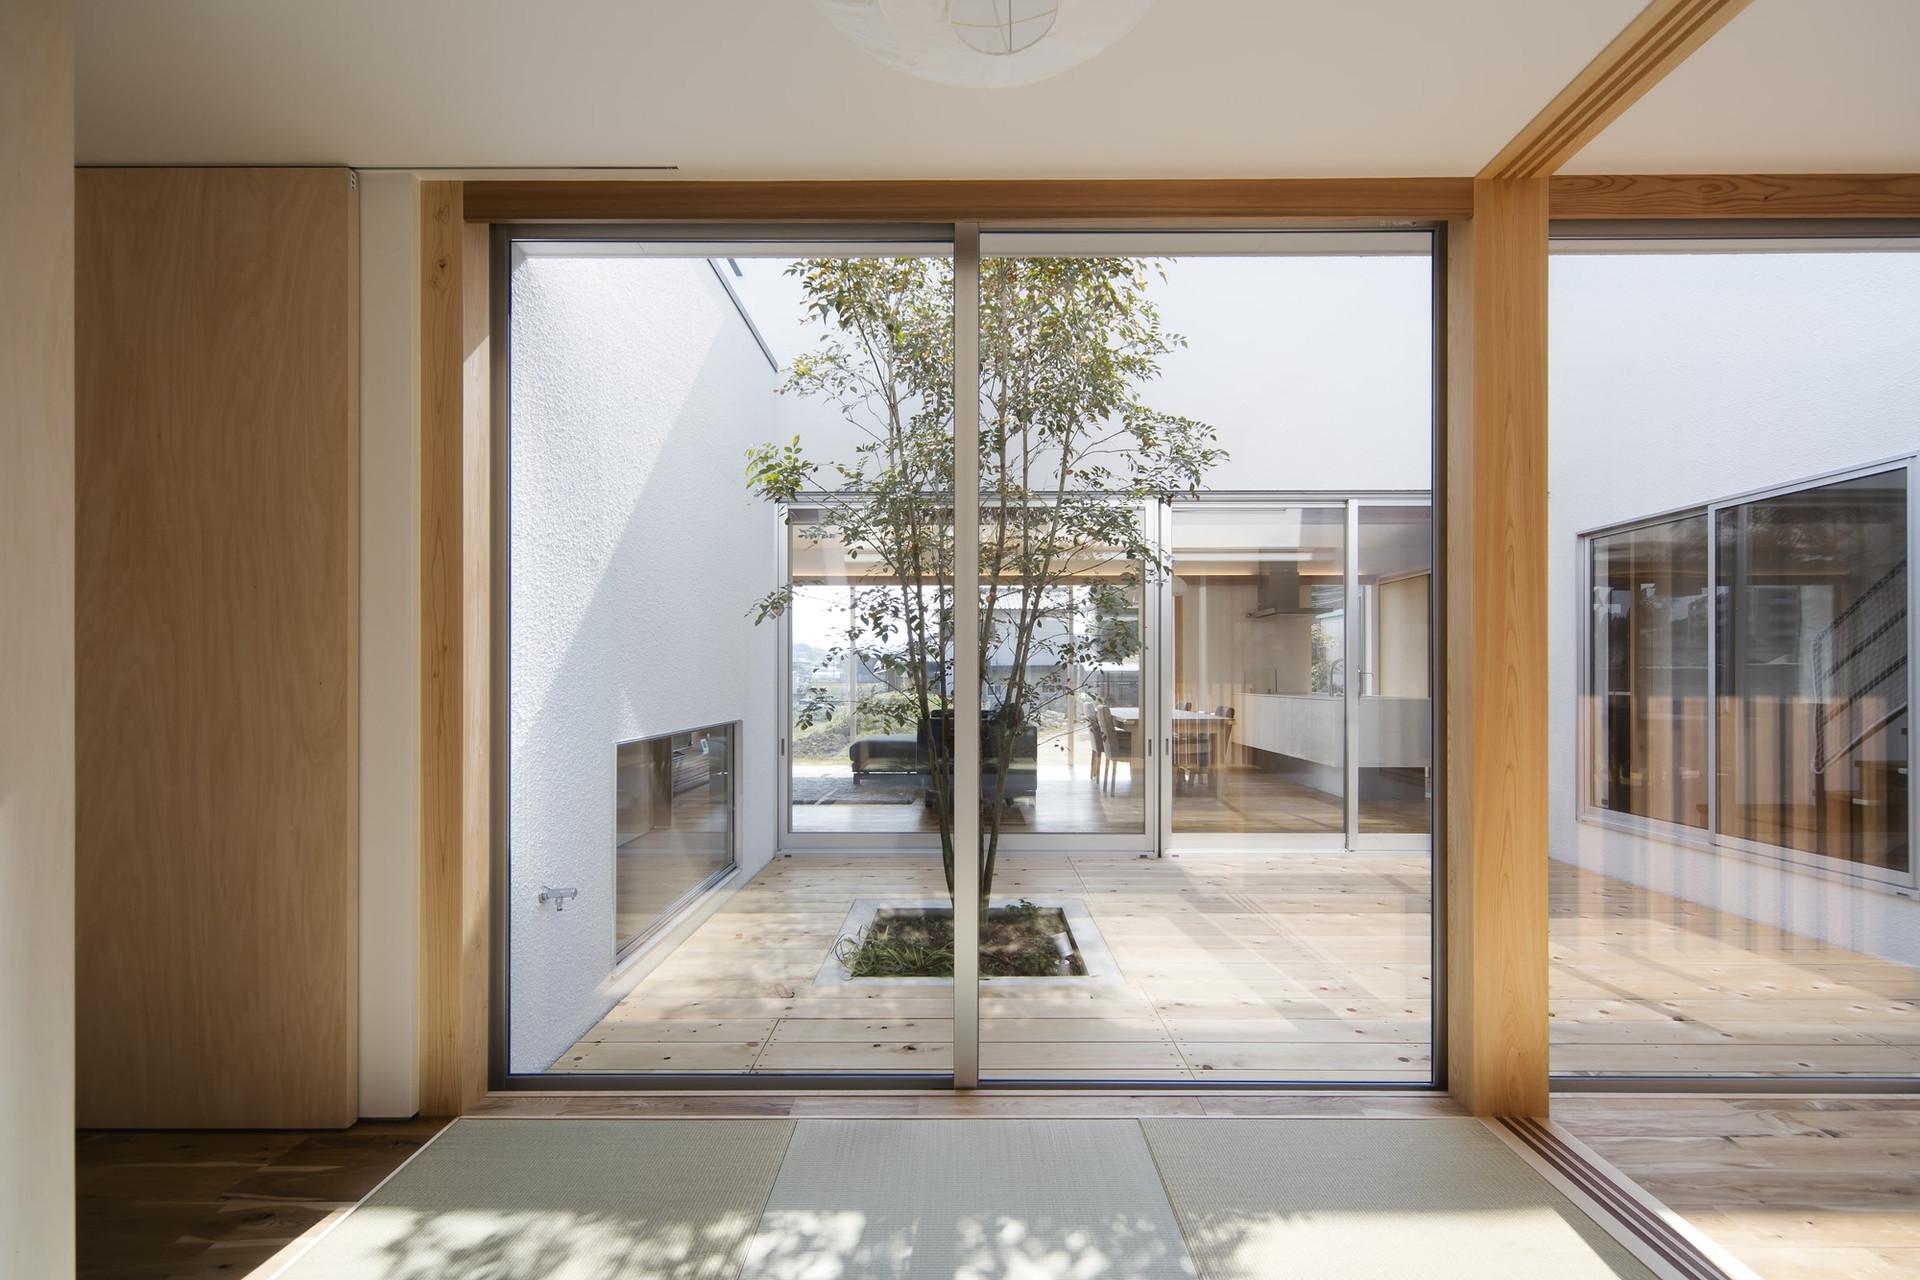 sakai-custom-built-house_2400_11.jpg